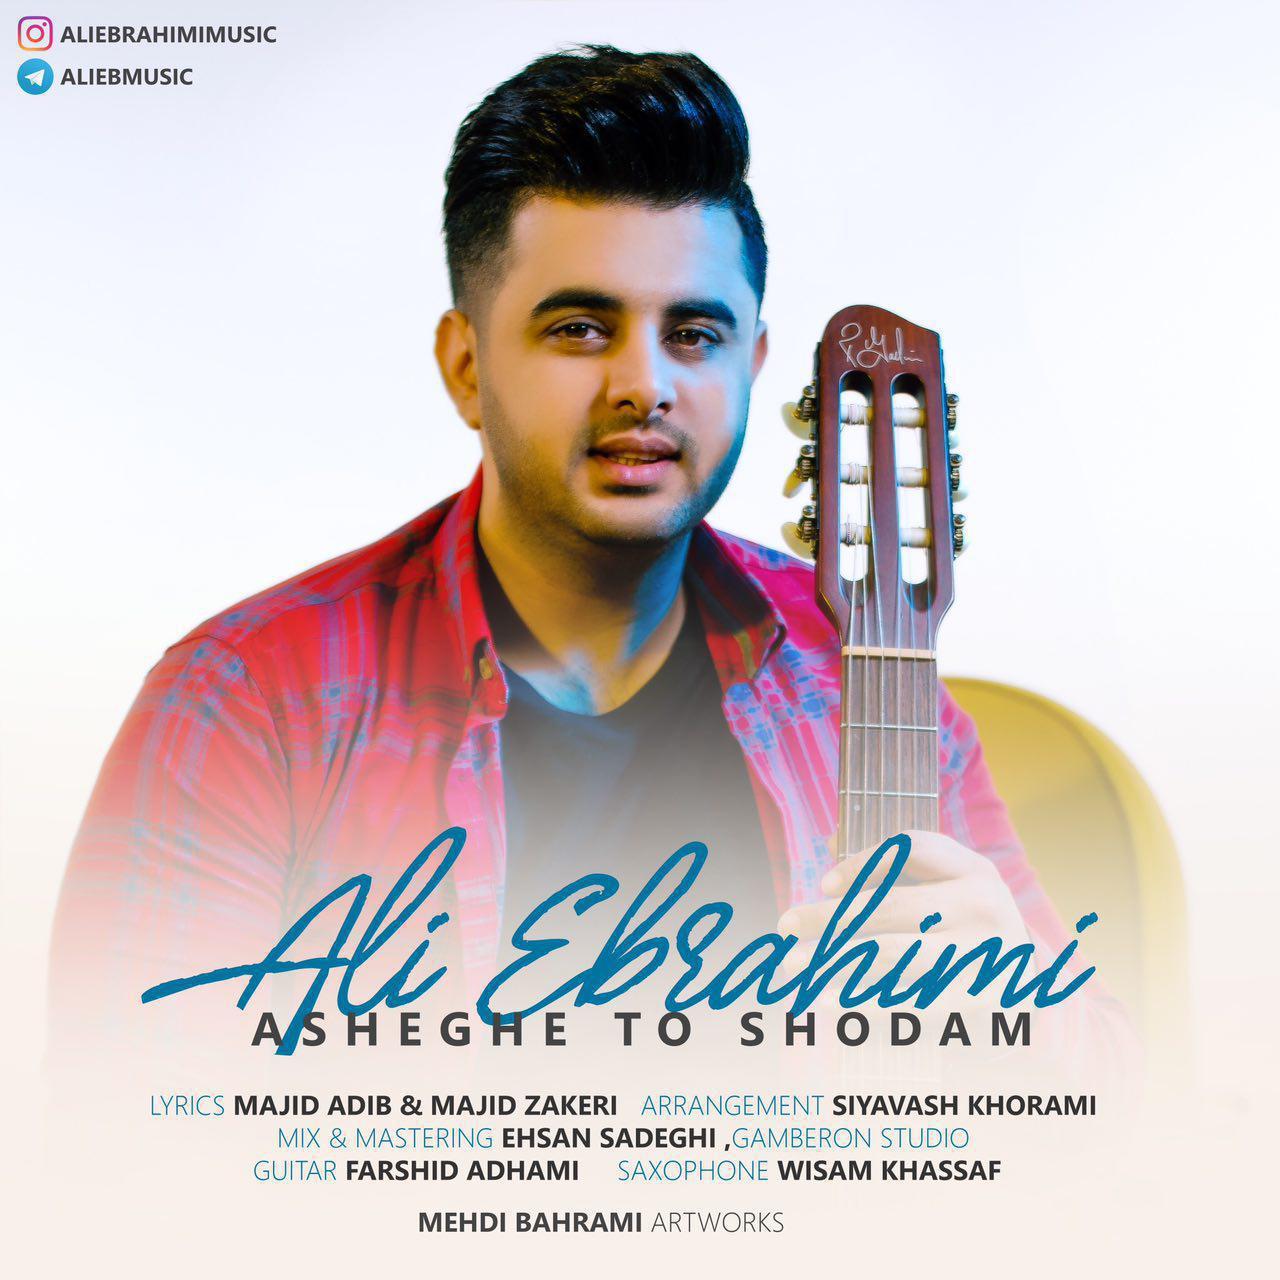 Ali Ebrahimi – Asheghe To Shodam